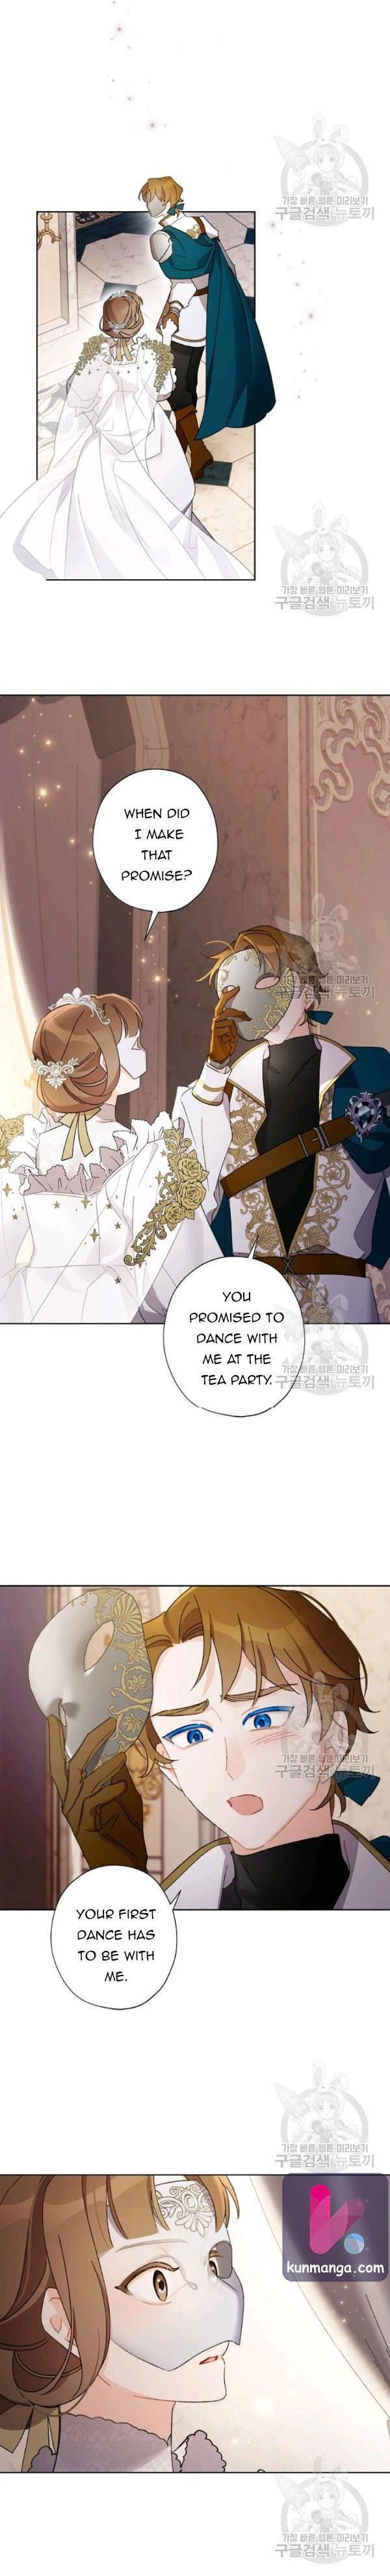 I Raised Cinderella Preciously Chapter 41.5 page 7 - Mangakakalots.com